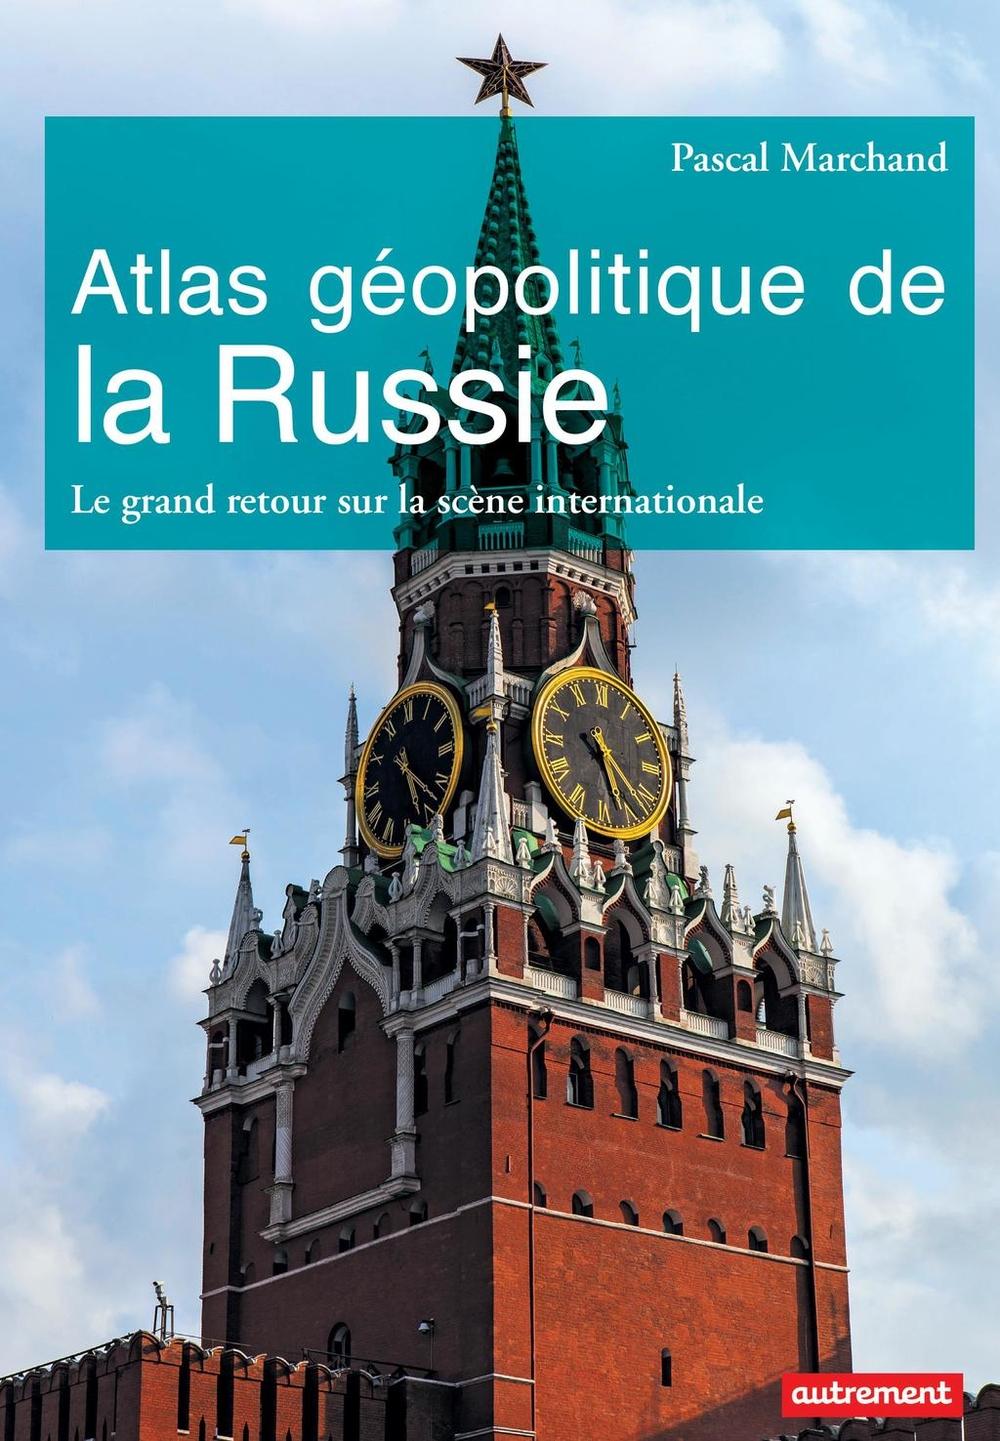 Atlas géopolitique de la Russie. Le grand retour sur la scène internationale